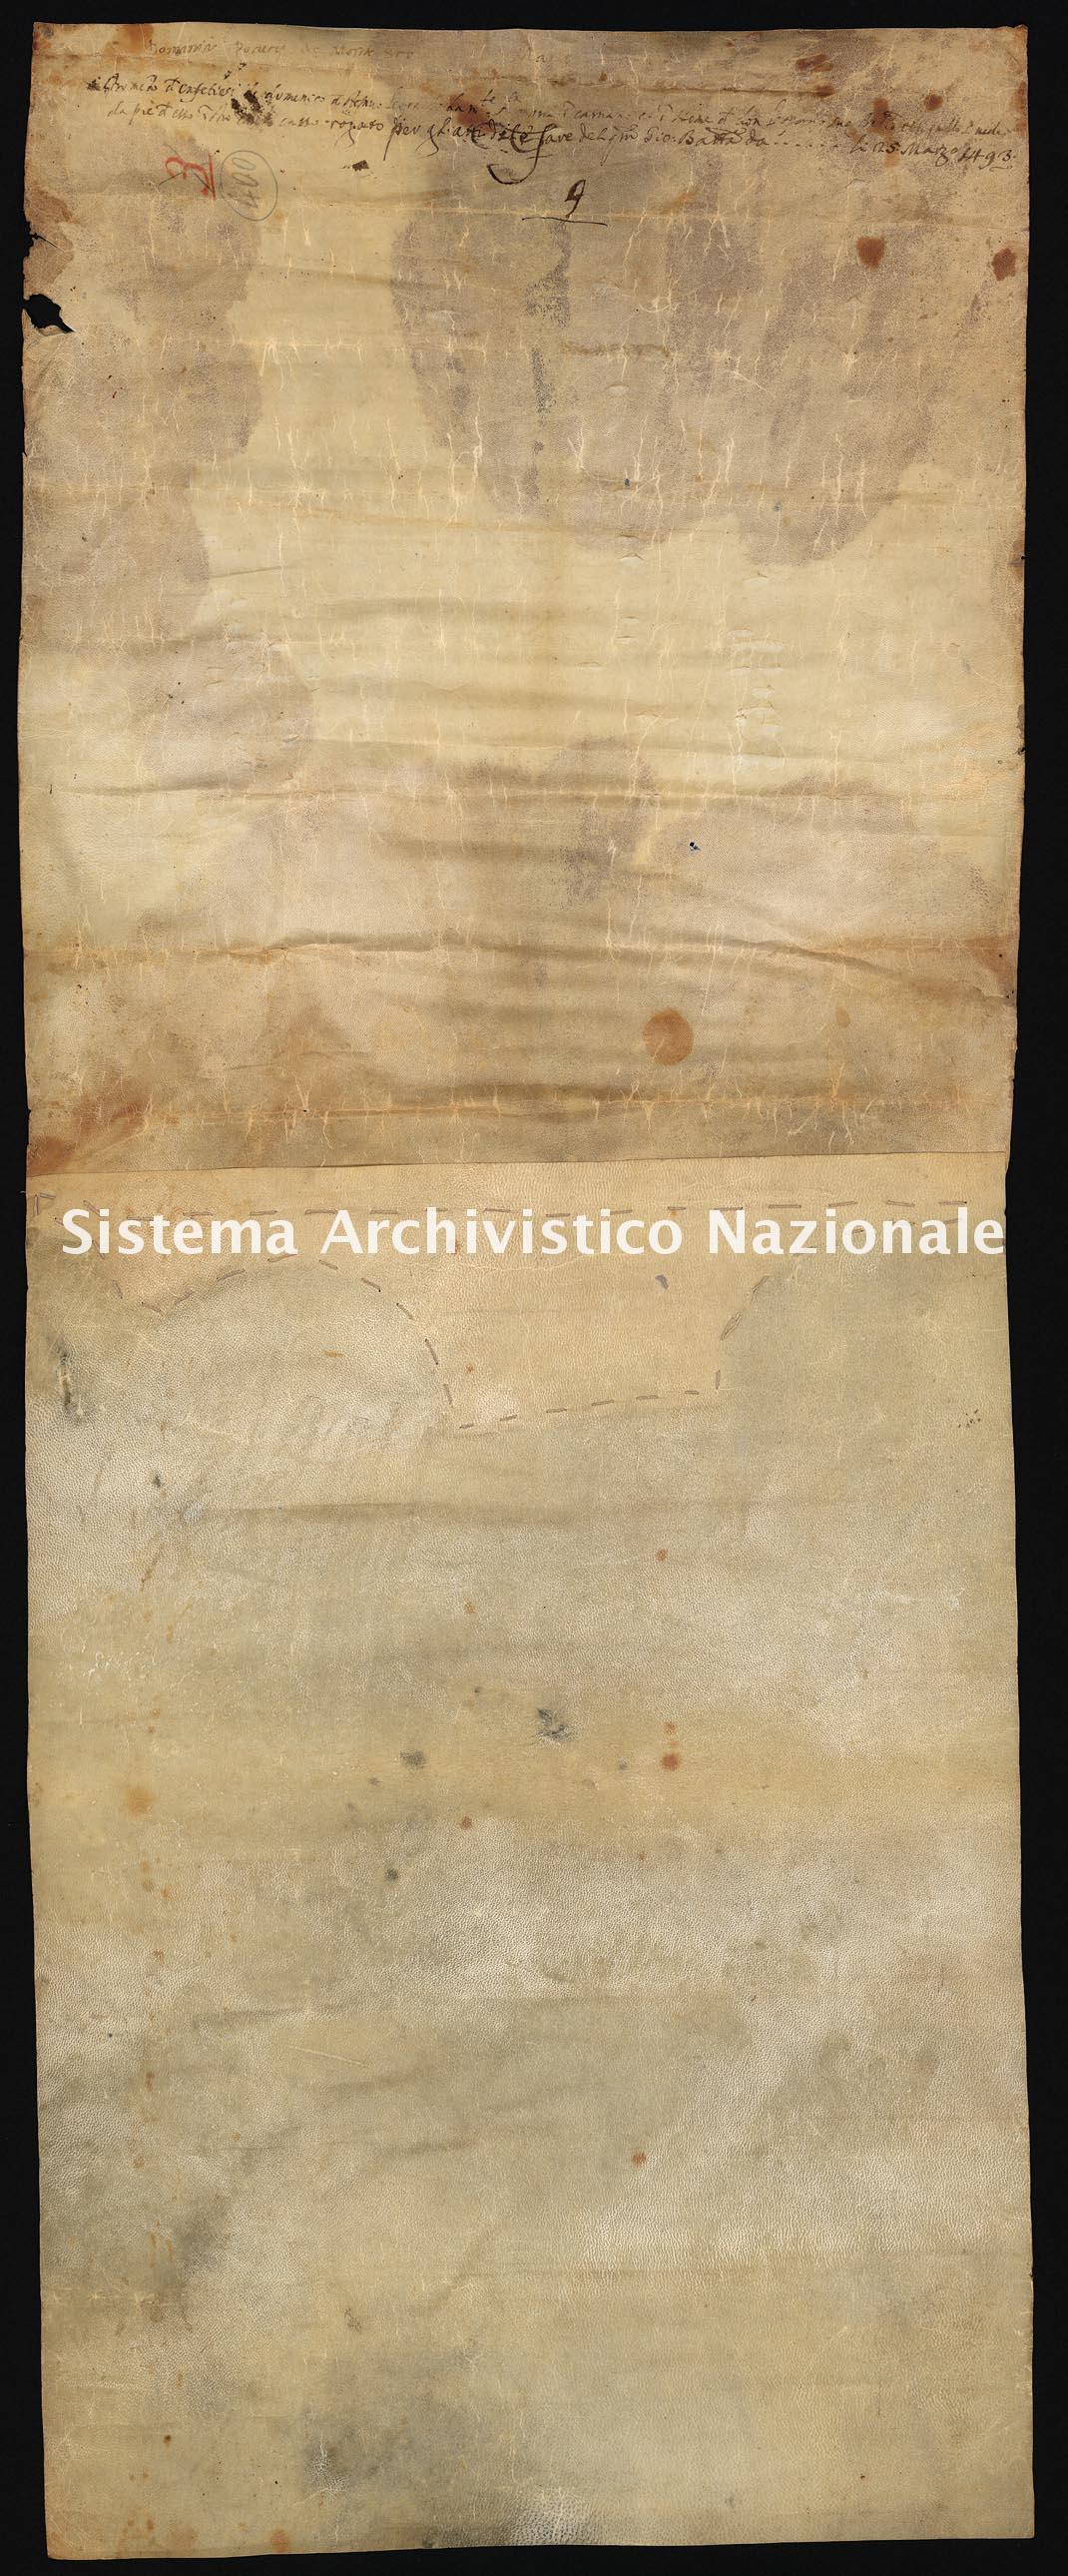 Archivio di Stato di Ancona, Comune di Ancona, Comune di Ancona (antico regime), Pergamene, Pergamena n. 400